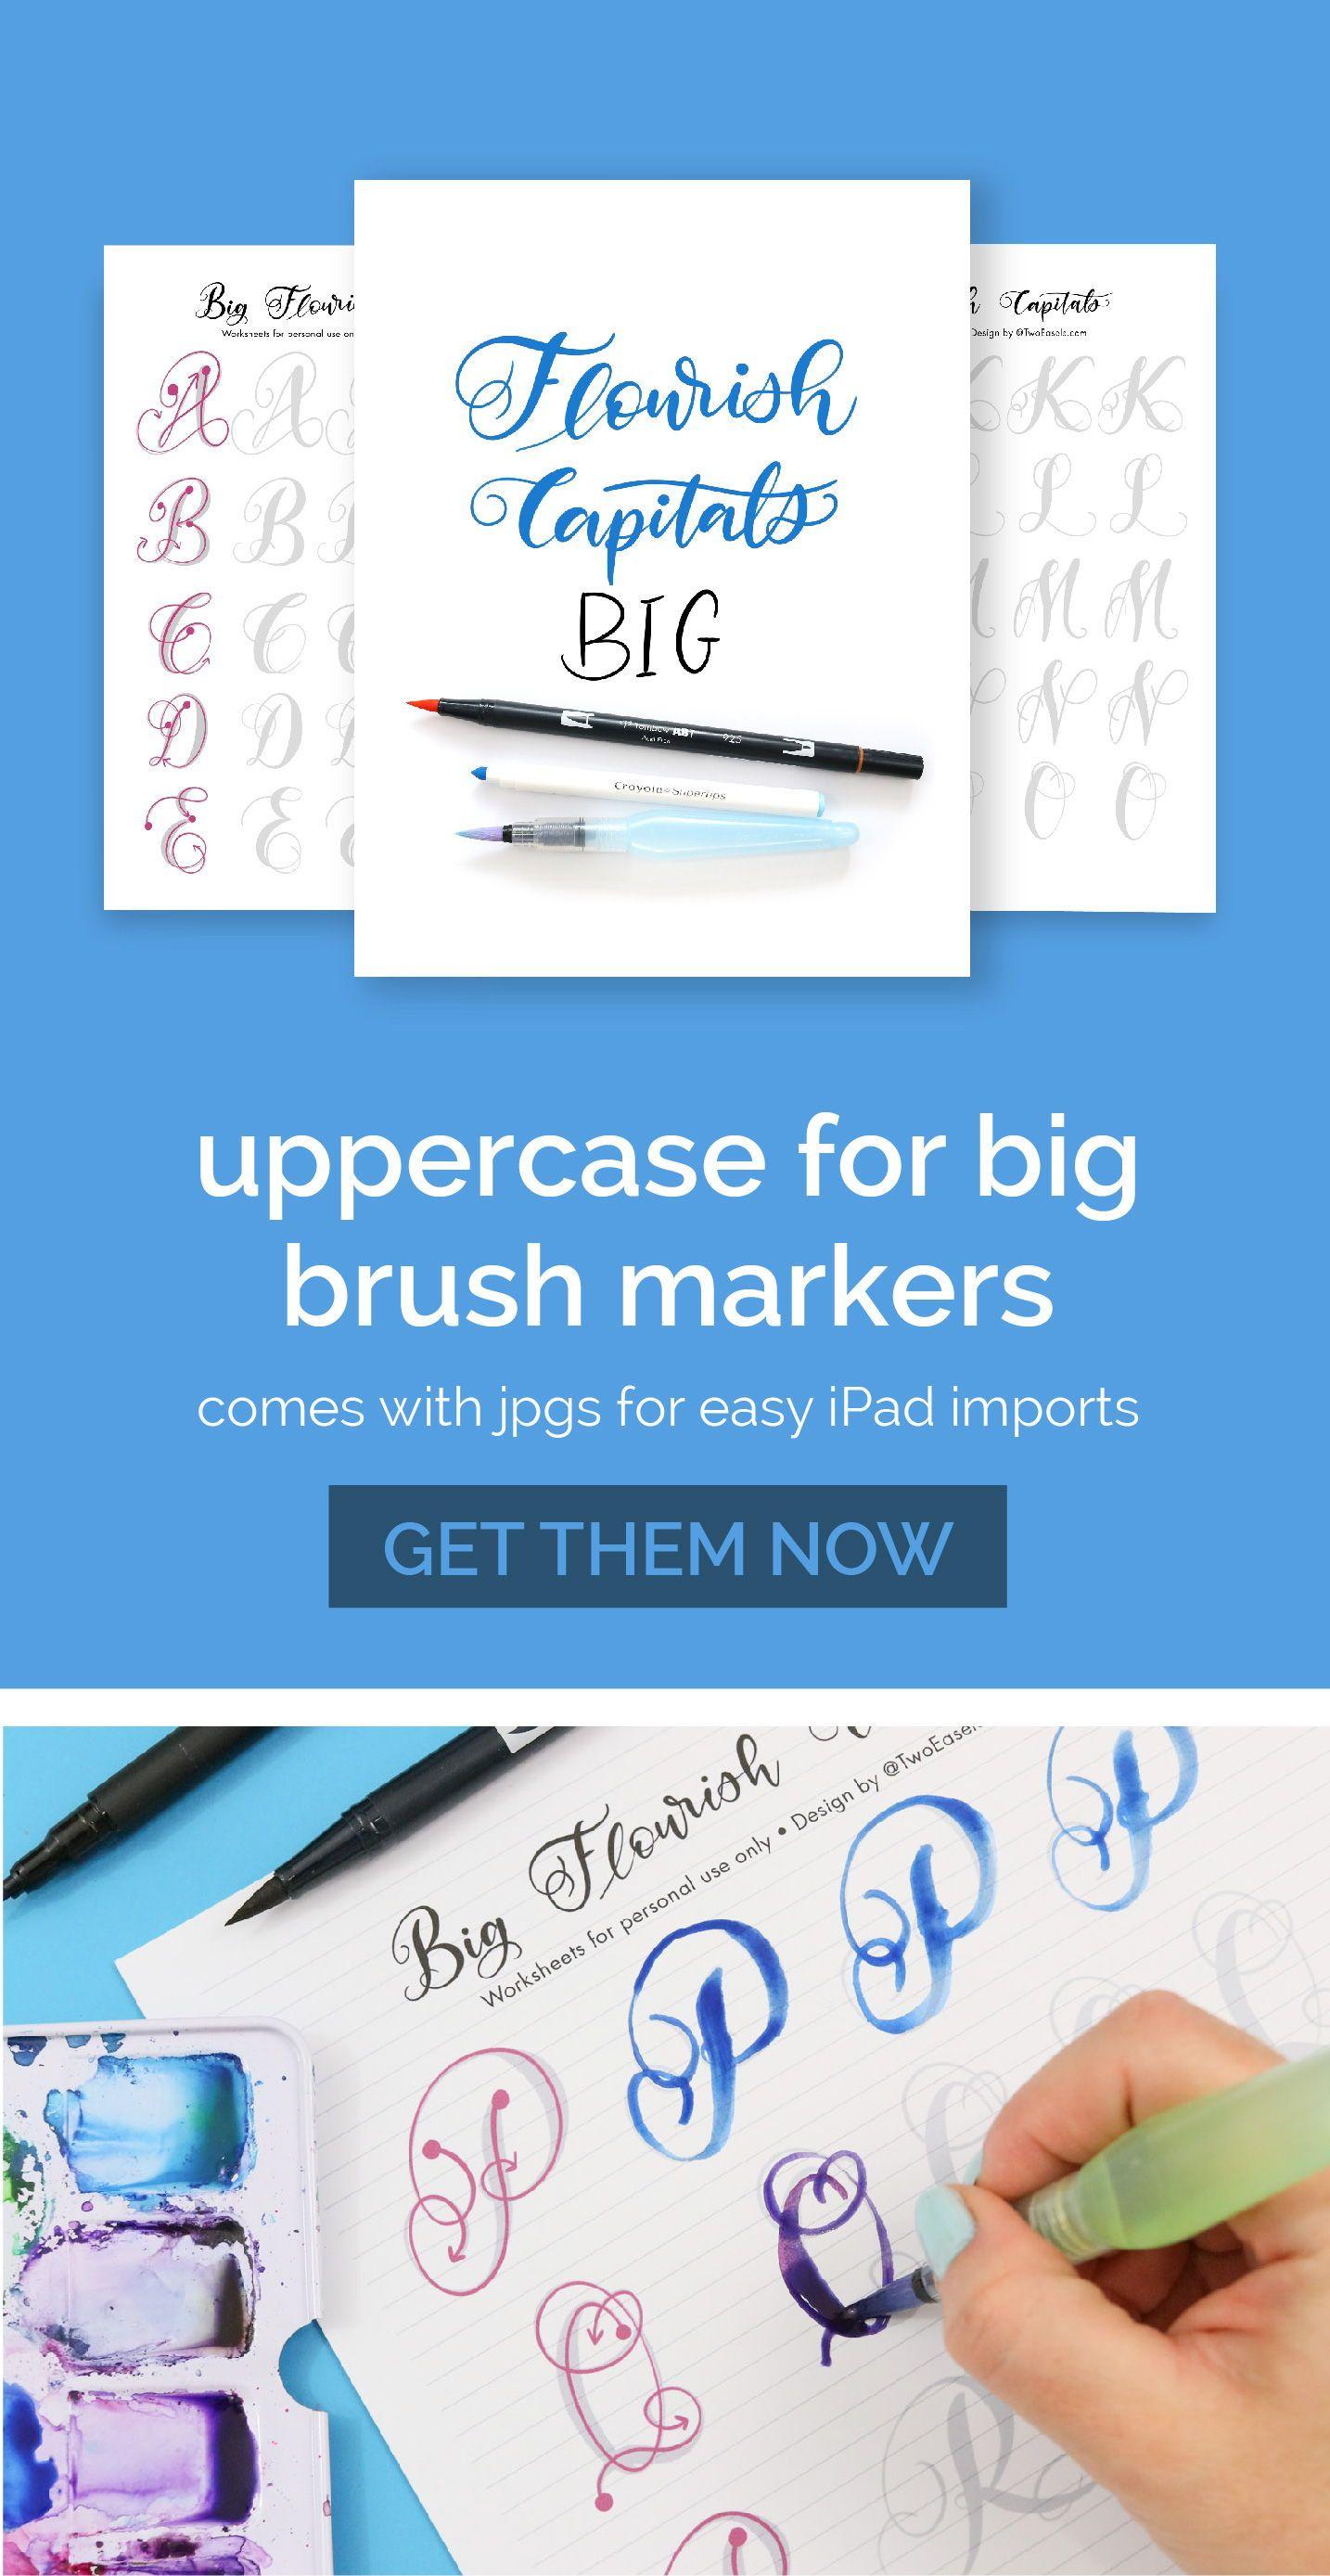 Big Brush Marker Flourish Capital Letters Alphabet Modern Etsy Hand Lettering Worksheet Hand Lettering Practice Lettering Alphabet [ 2777 x 1434 Pixel ]